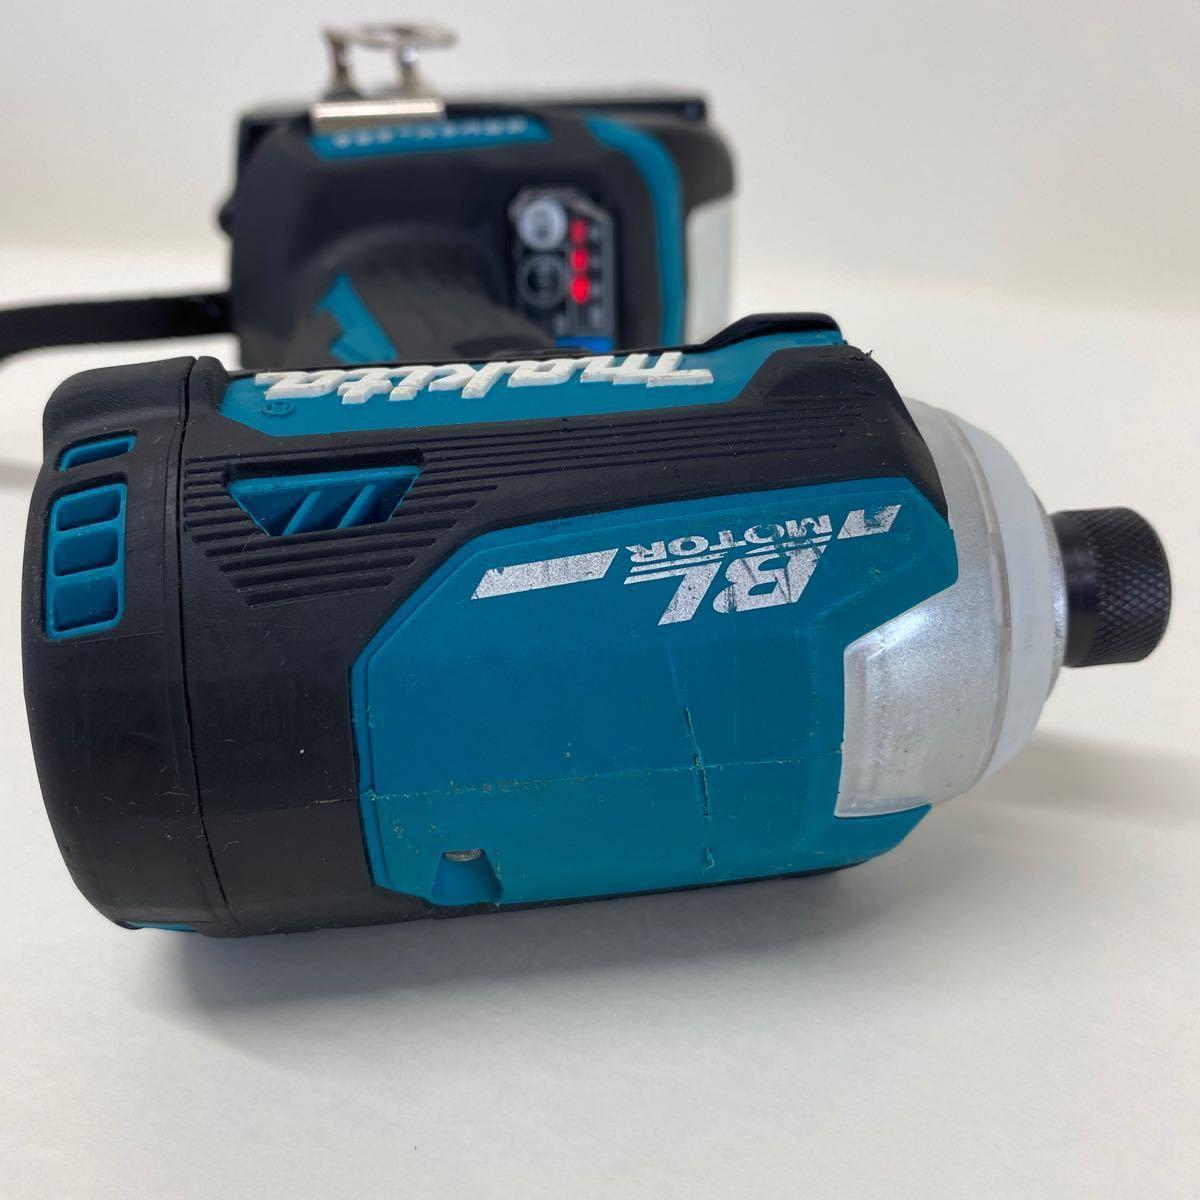 【中古・完動品】マキタ Makita TD171D 充電式インパクトドライバ 18v 『ブルー』BL1860B×2 DC18RF充電器 フルセット TD171DRGX 純正品_画像6